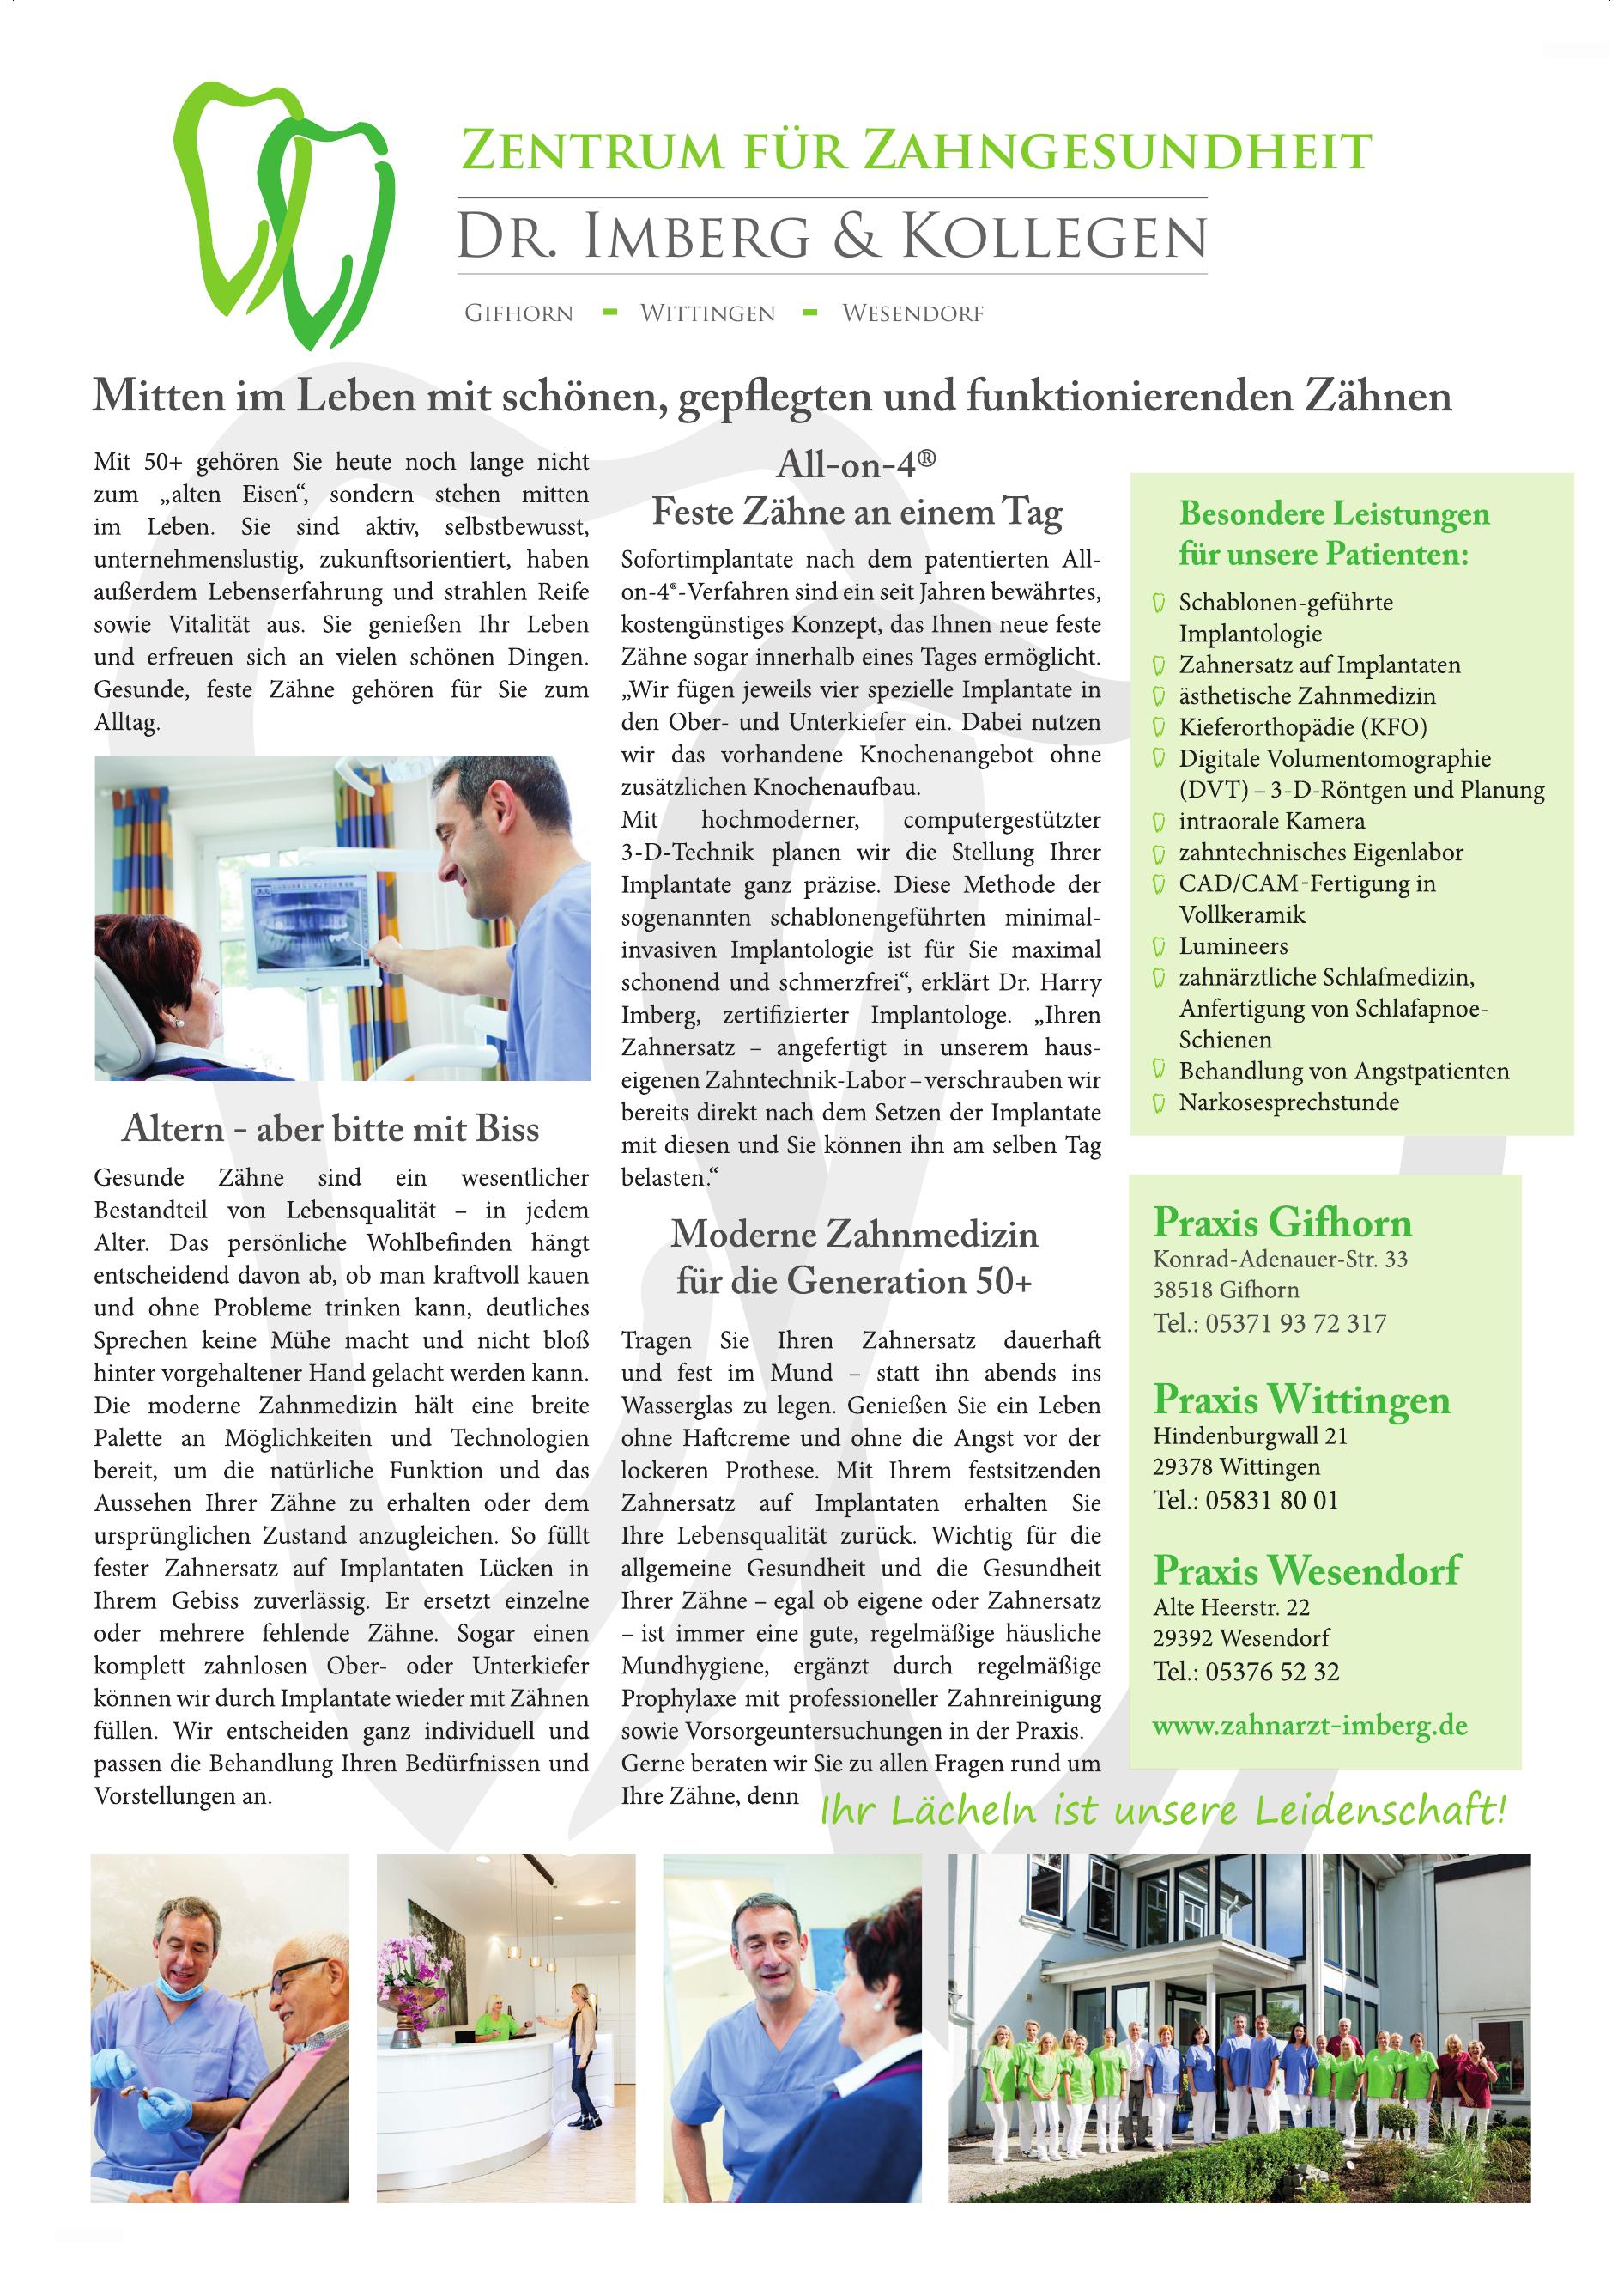 Zentrum für Zahngesundheit, Dr. Imberg & Kollegen